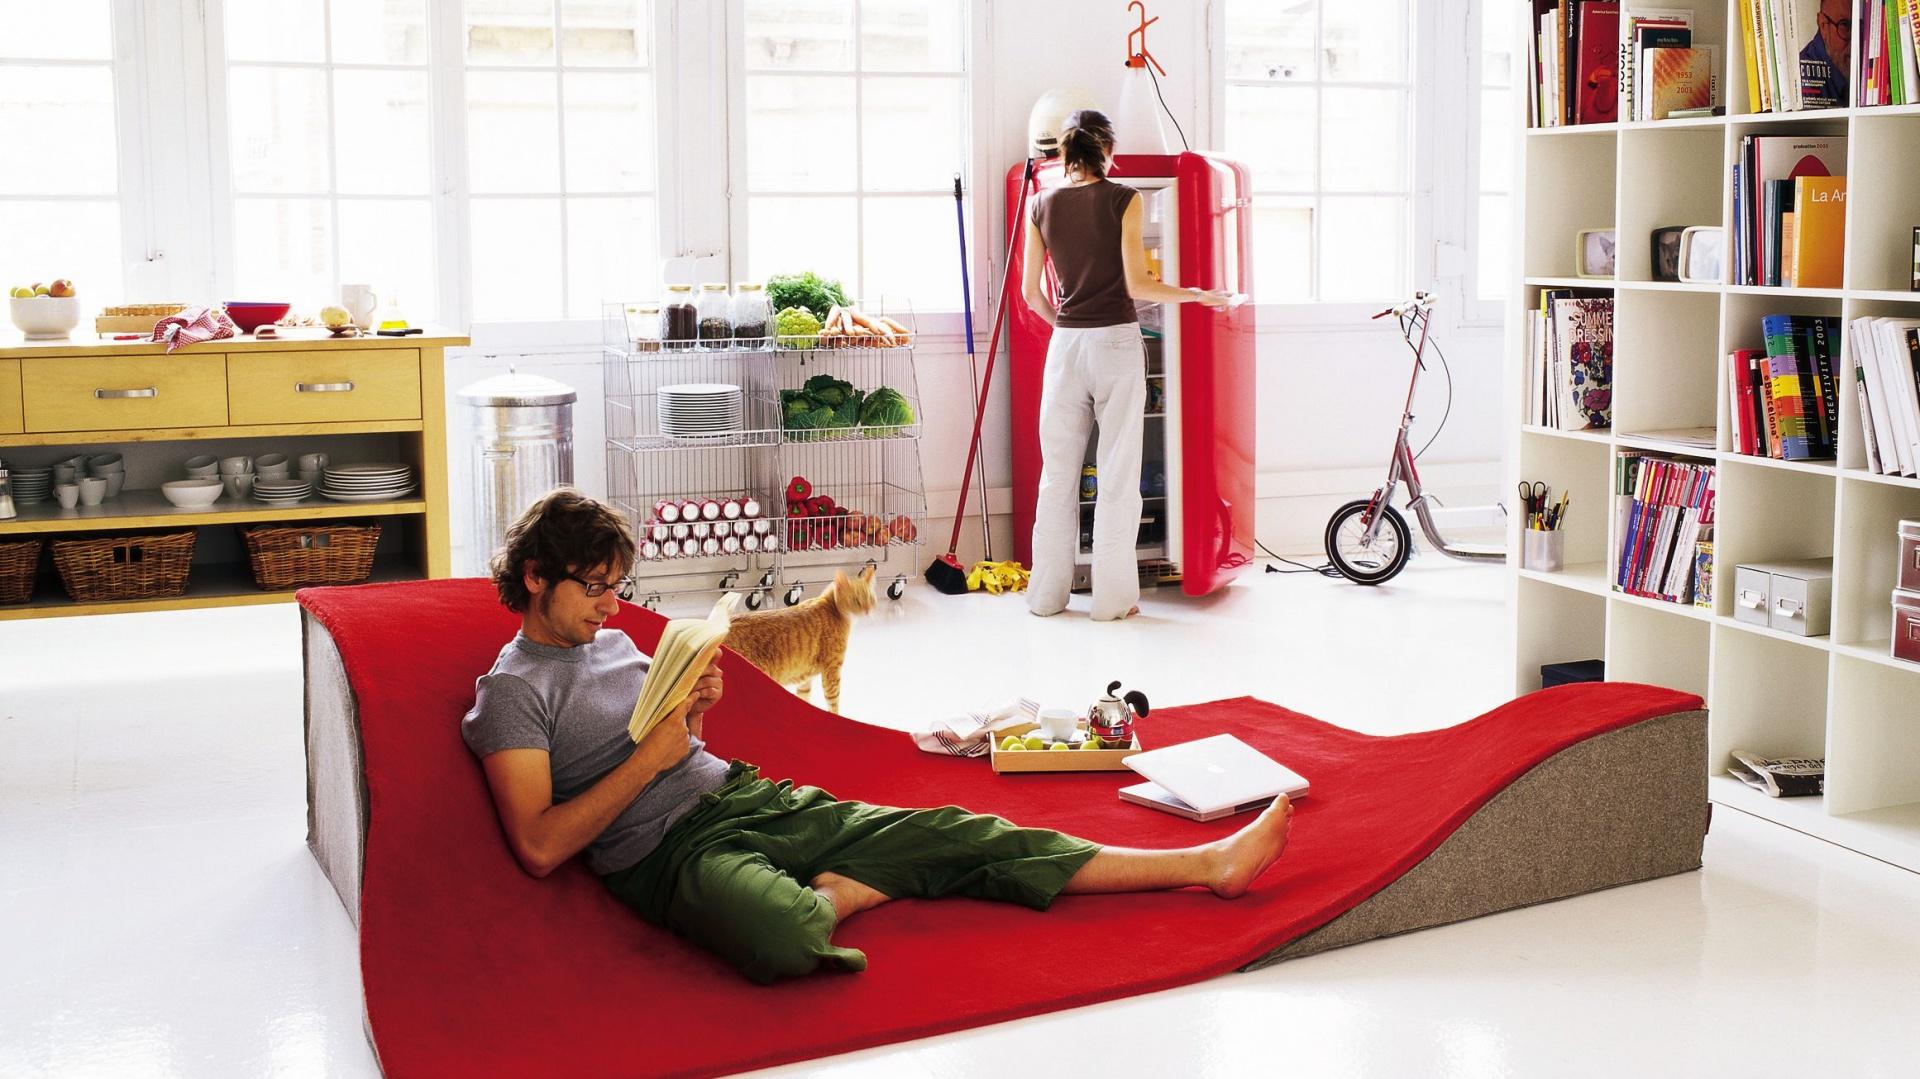 Latający dywan marki Nani Marquina powstał z inspiracji baśnią o słynnym Alladynie. Dzięki pofałdowanej powierzchni może pełnić funkcję wygodnej kanapy. Fot. Nani Marquina.